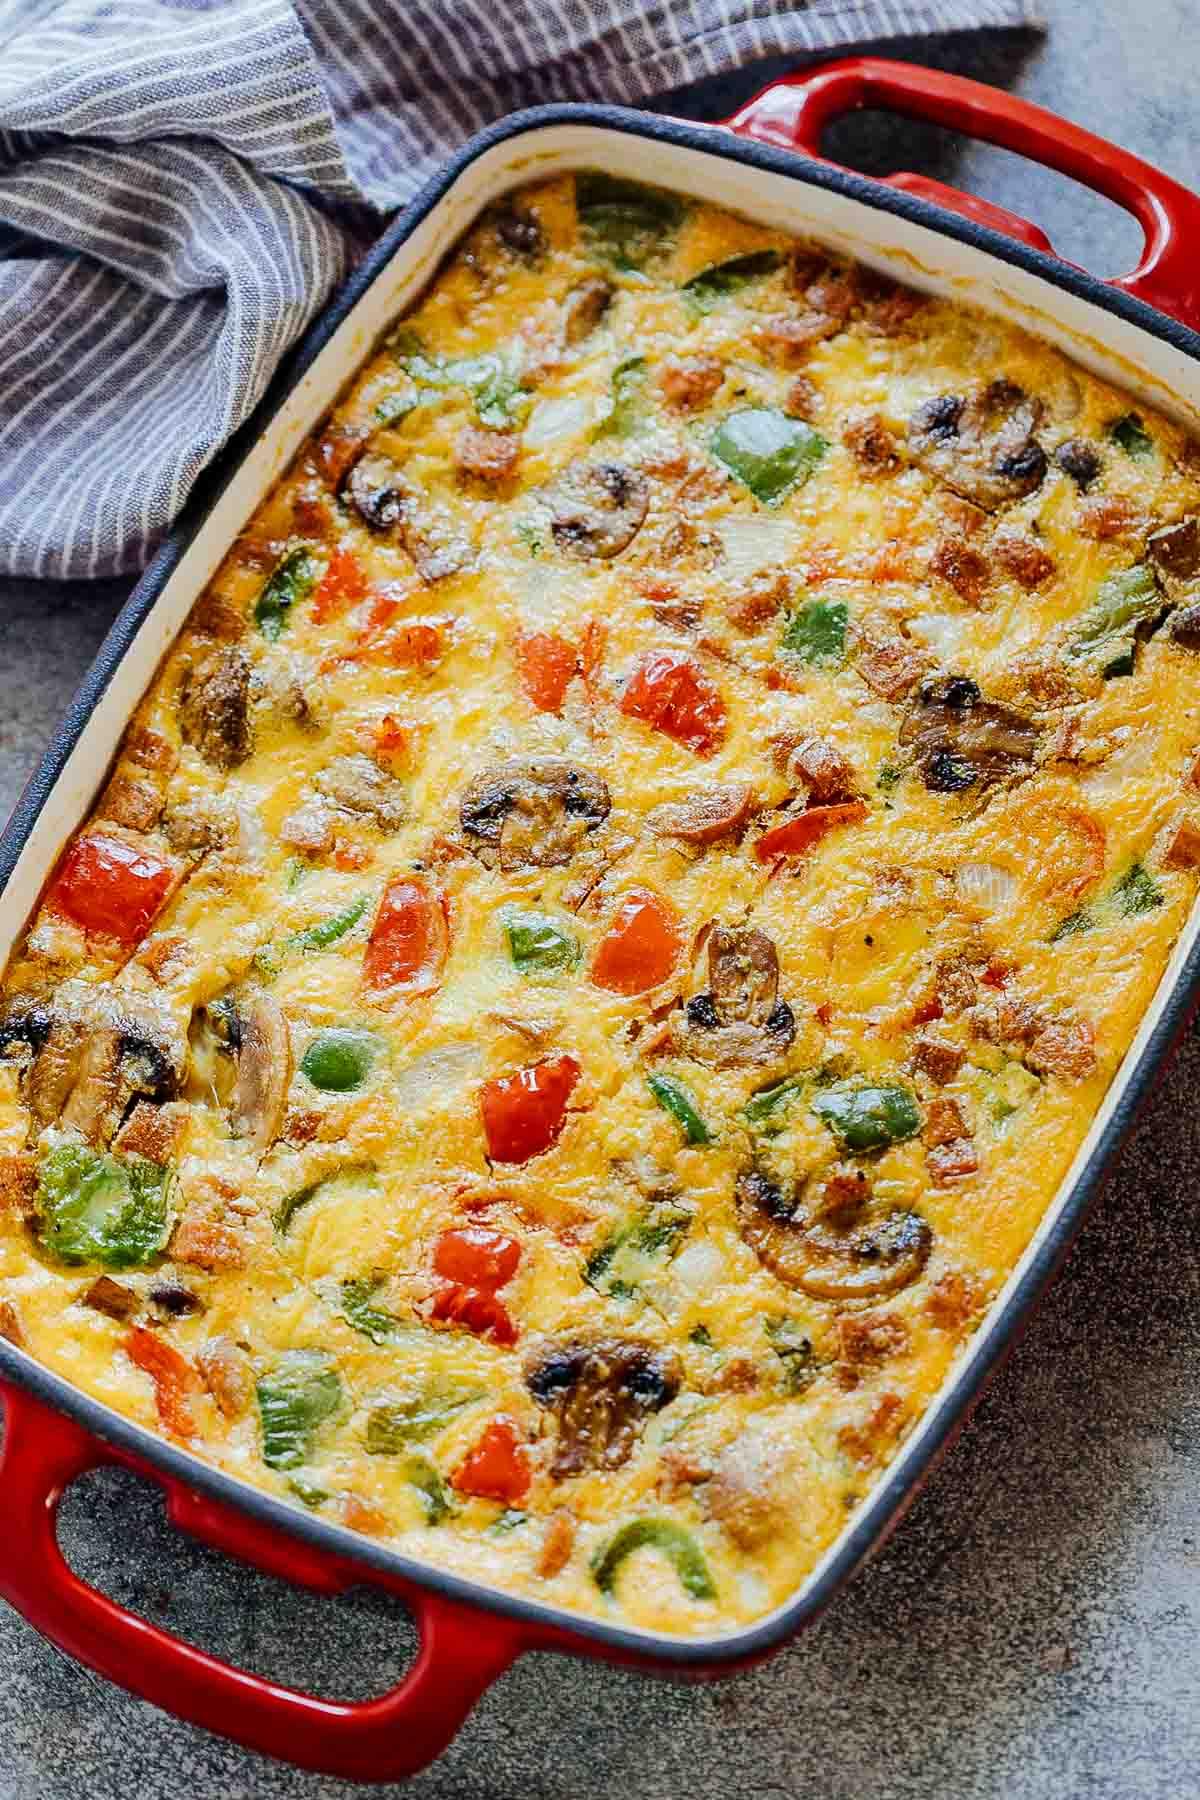 Baked-Denver-Omelet-Breakfast-Casserole-3.jpg